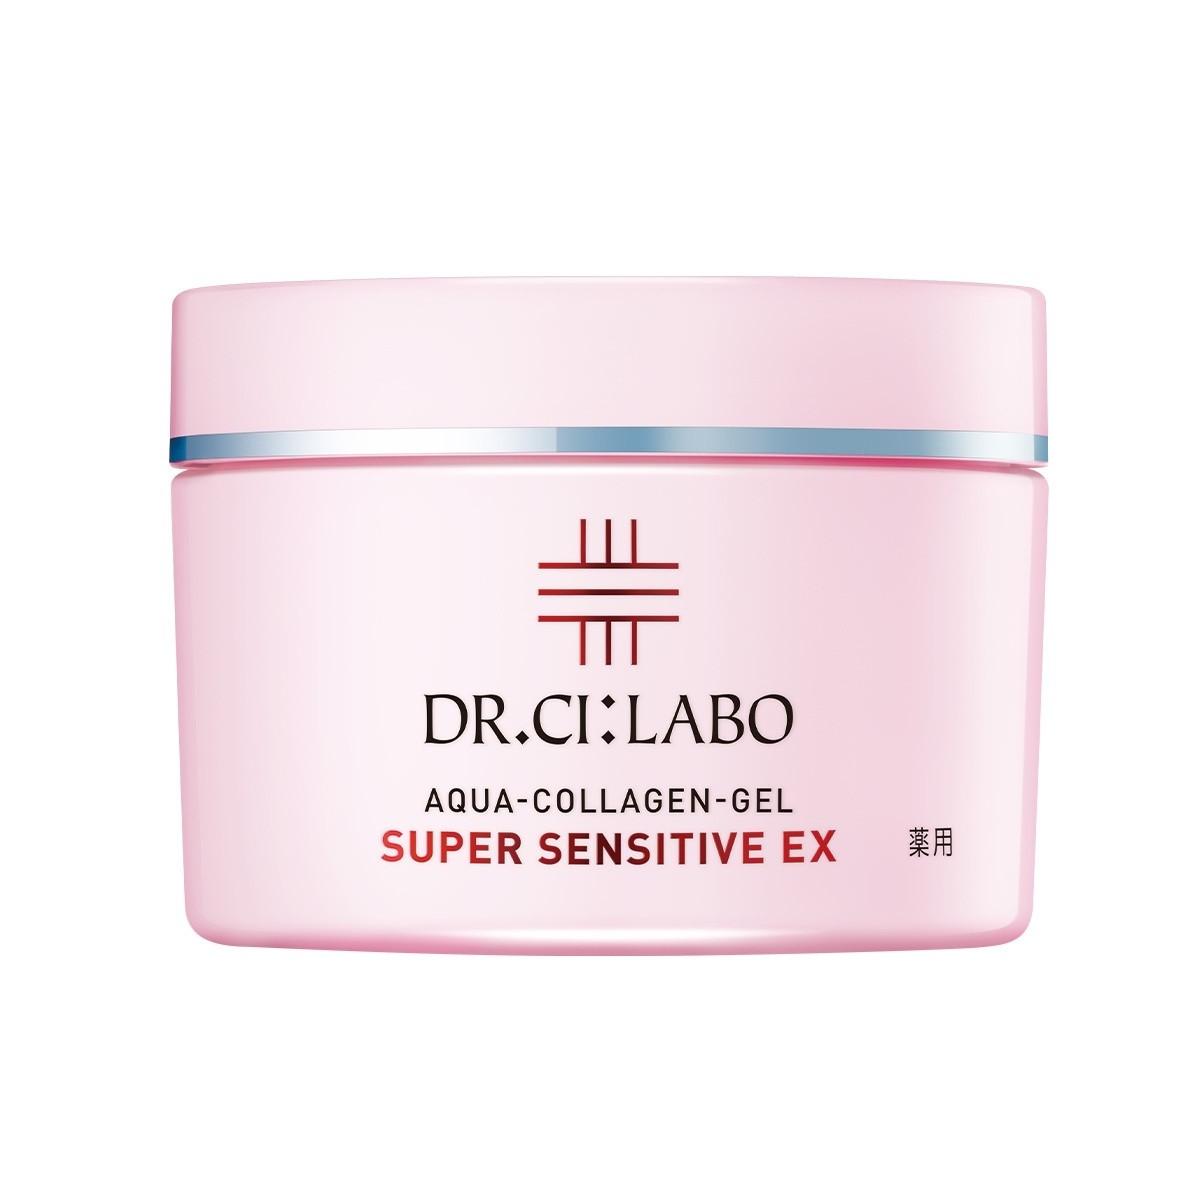 """""""マスク敏感肌""""にも負けない肌を育むなら、「薬用アクアコラーゲンゲル スーパーセンシティブEX」にお任せ!_5"""